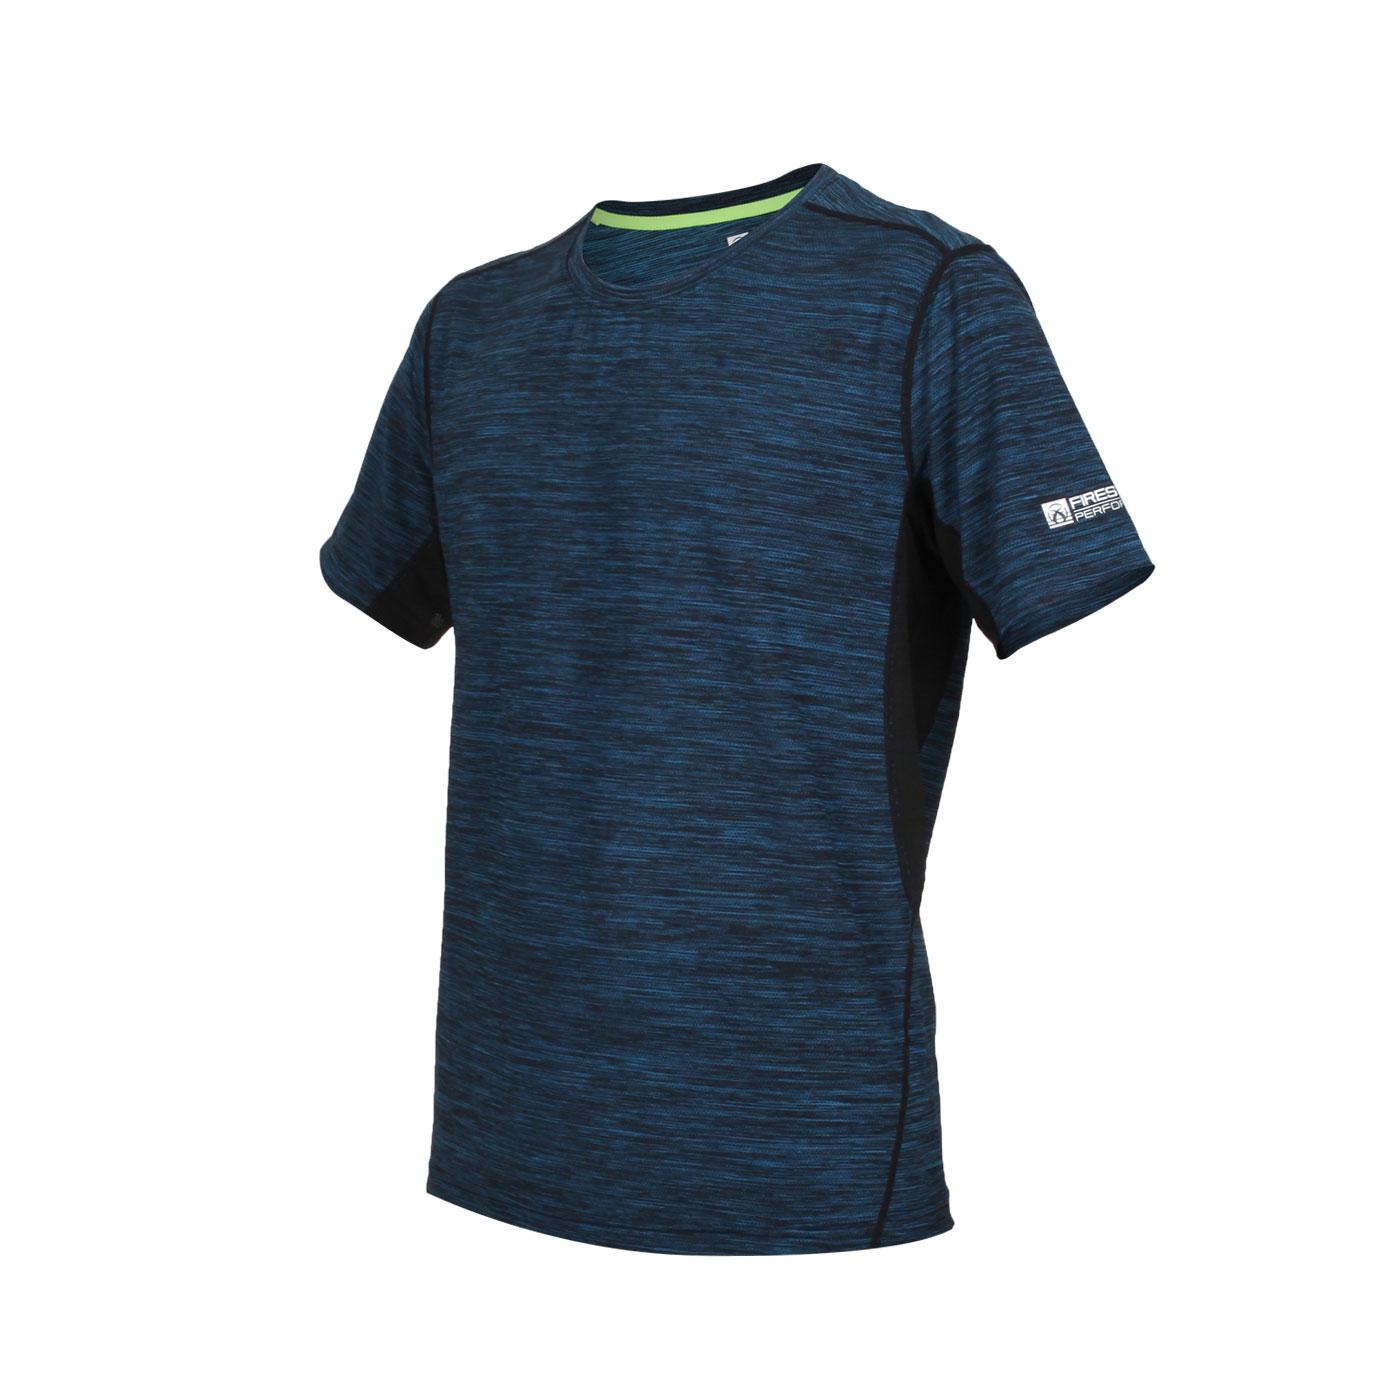 FIRESTAR 男款彈性圓領短袖T恤 D9230-18 - 麻花黑水藍